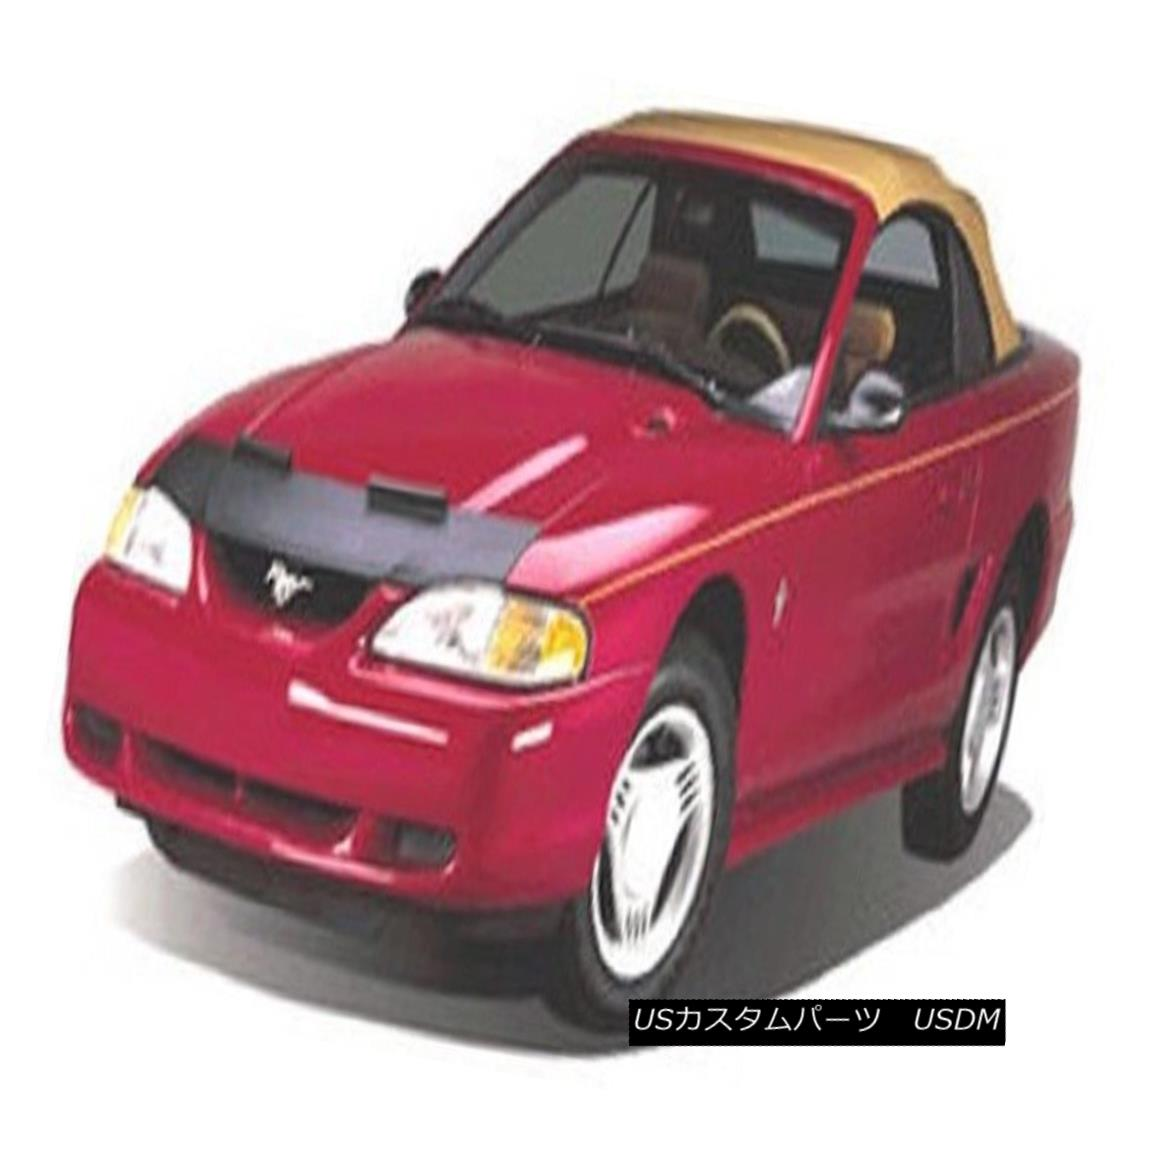 フルブラ ノーズブラ Mini Mask Bra Hood Protector - Fits Buick Regal 2011-2014 11 12 13 14 ミニマスクブラジャーフードプロテクター - フィットビュイックリーガル2011-2014 11 12 13 14